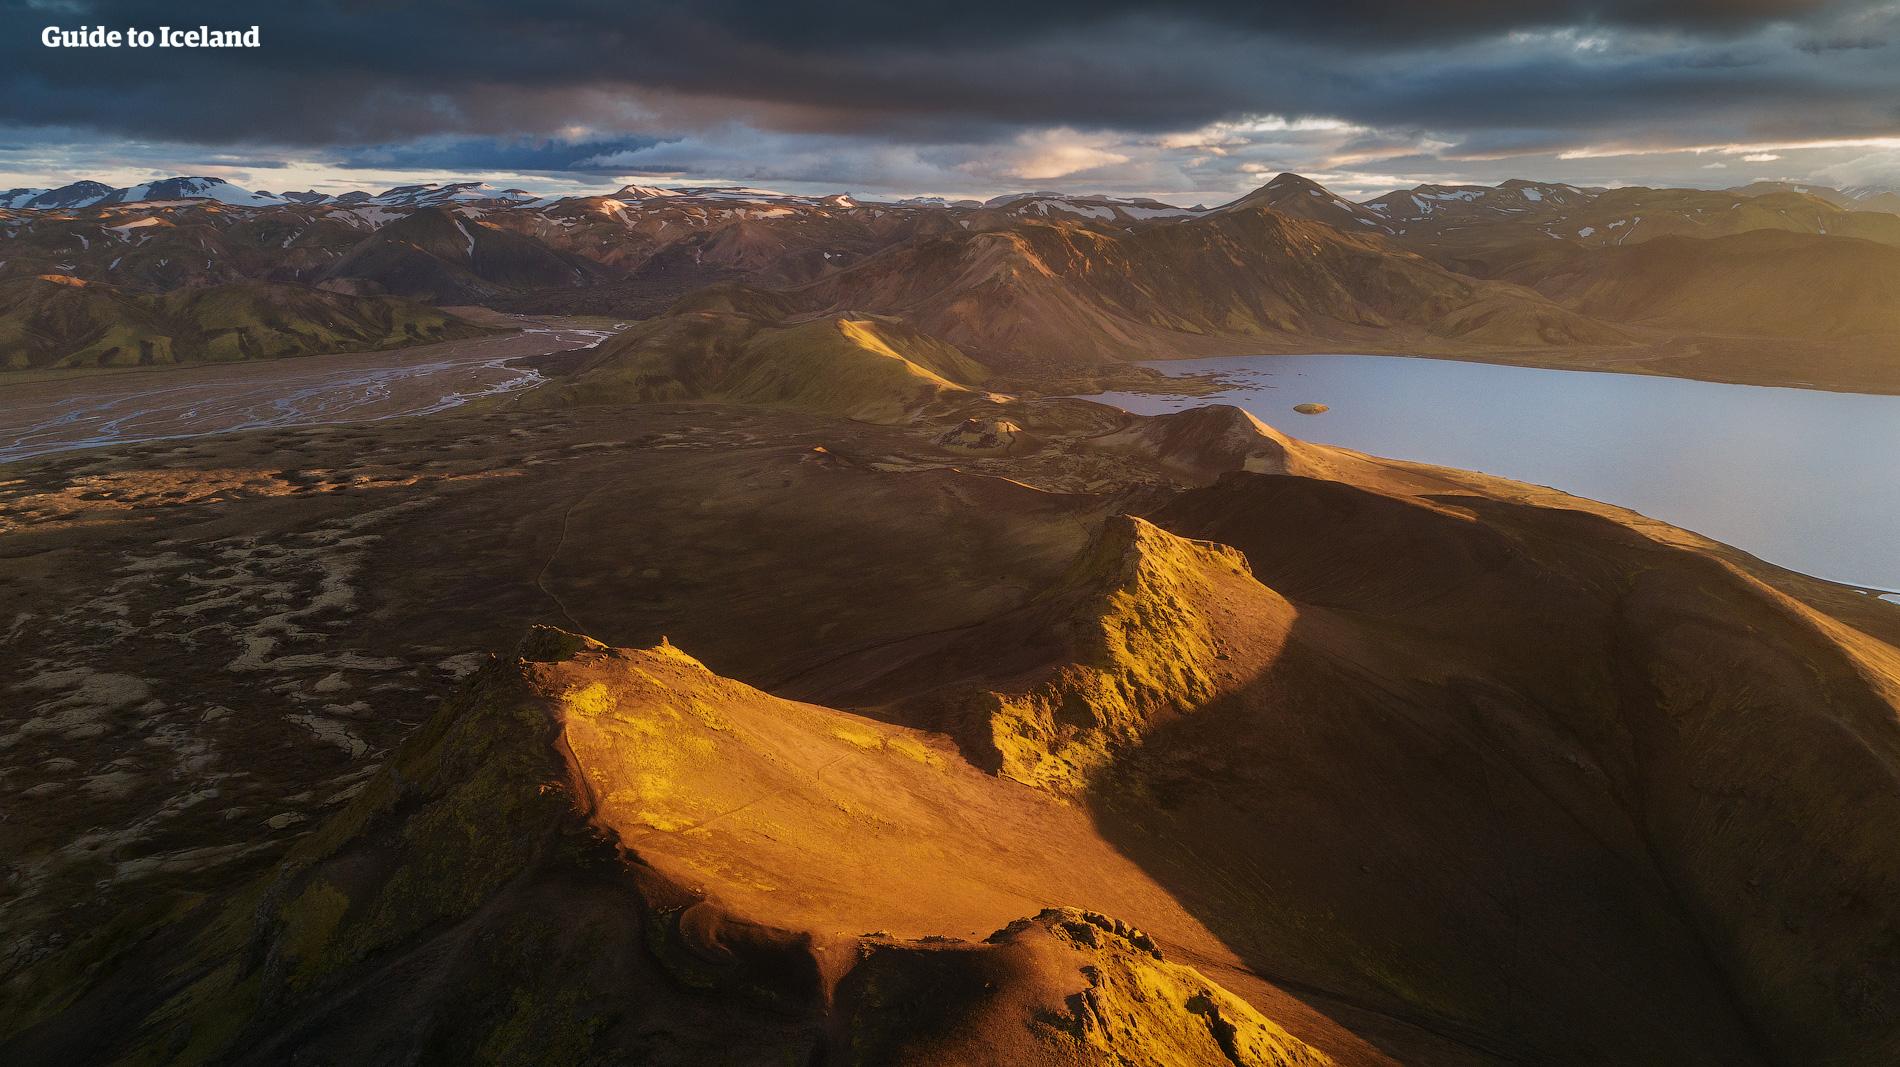 7 dni, samodzielna podróż | Wycieczka po Islandii wraz z interiorem - day 3